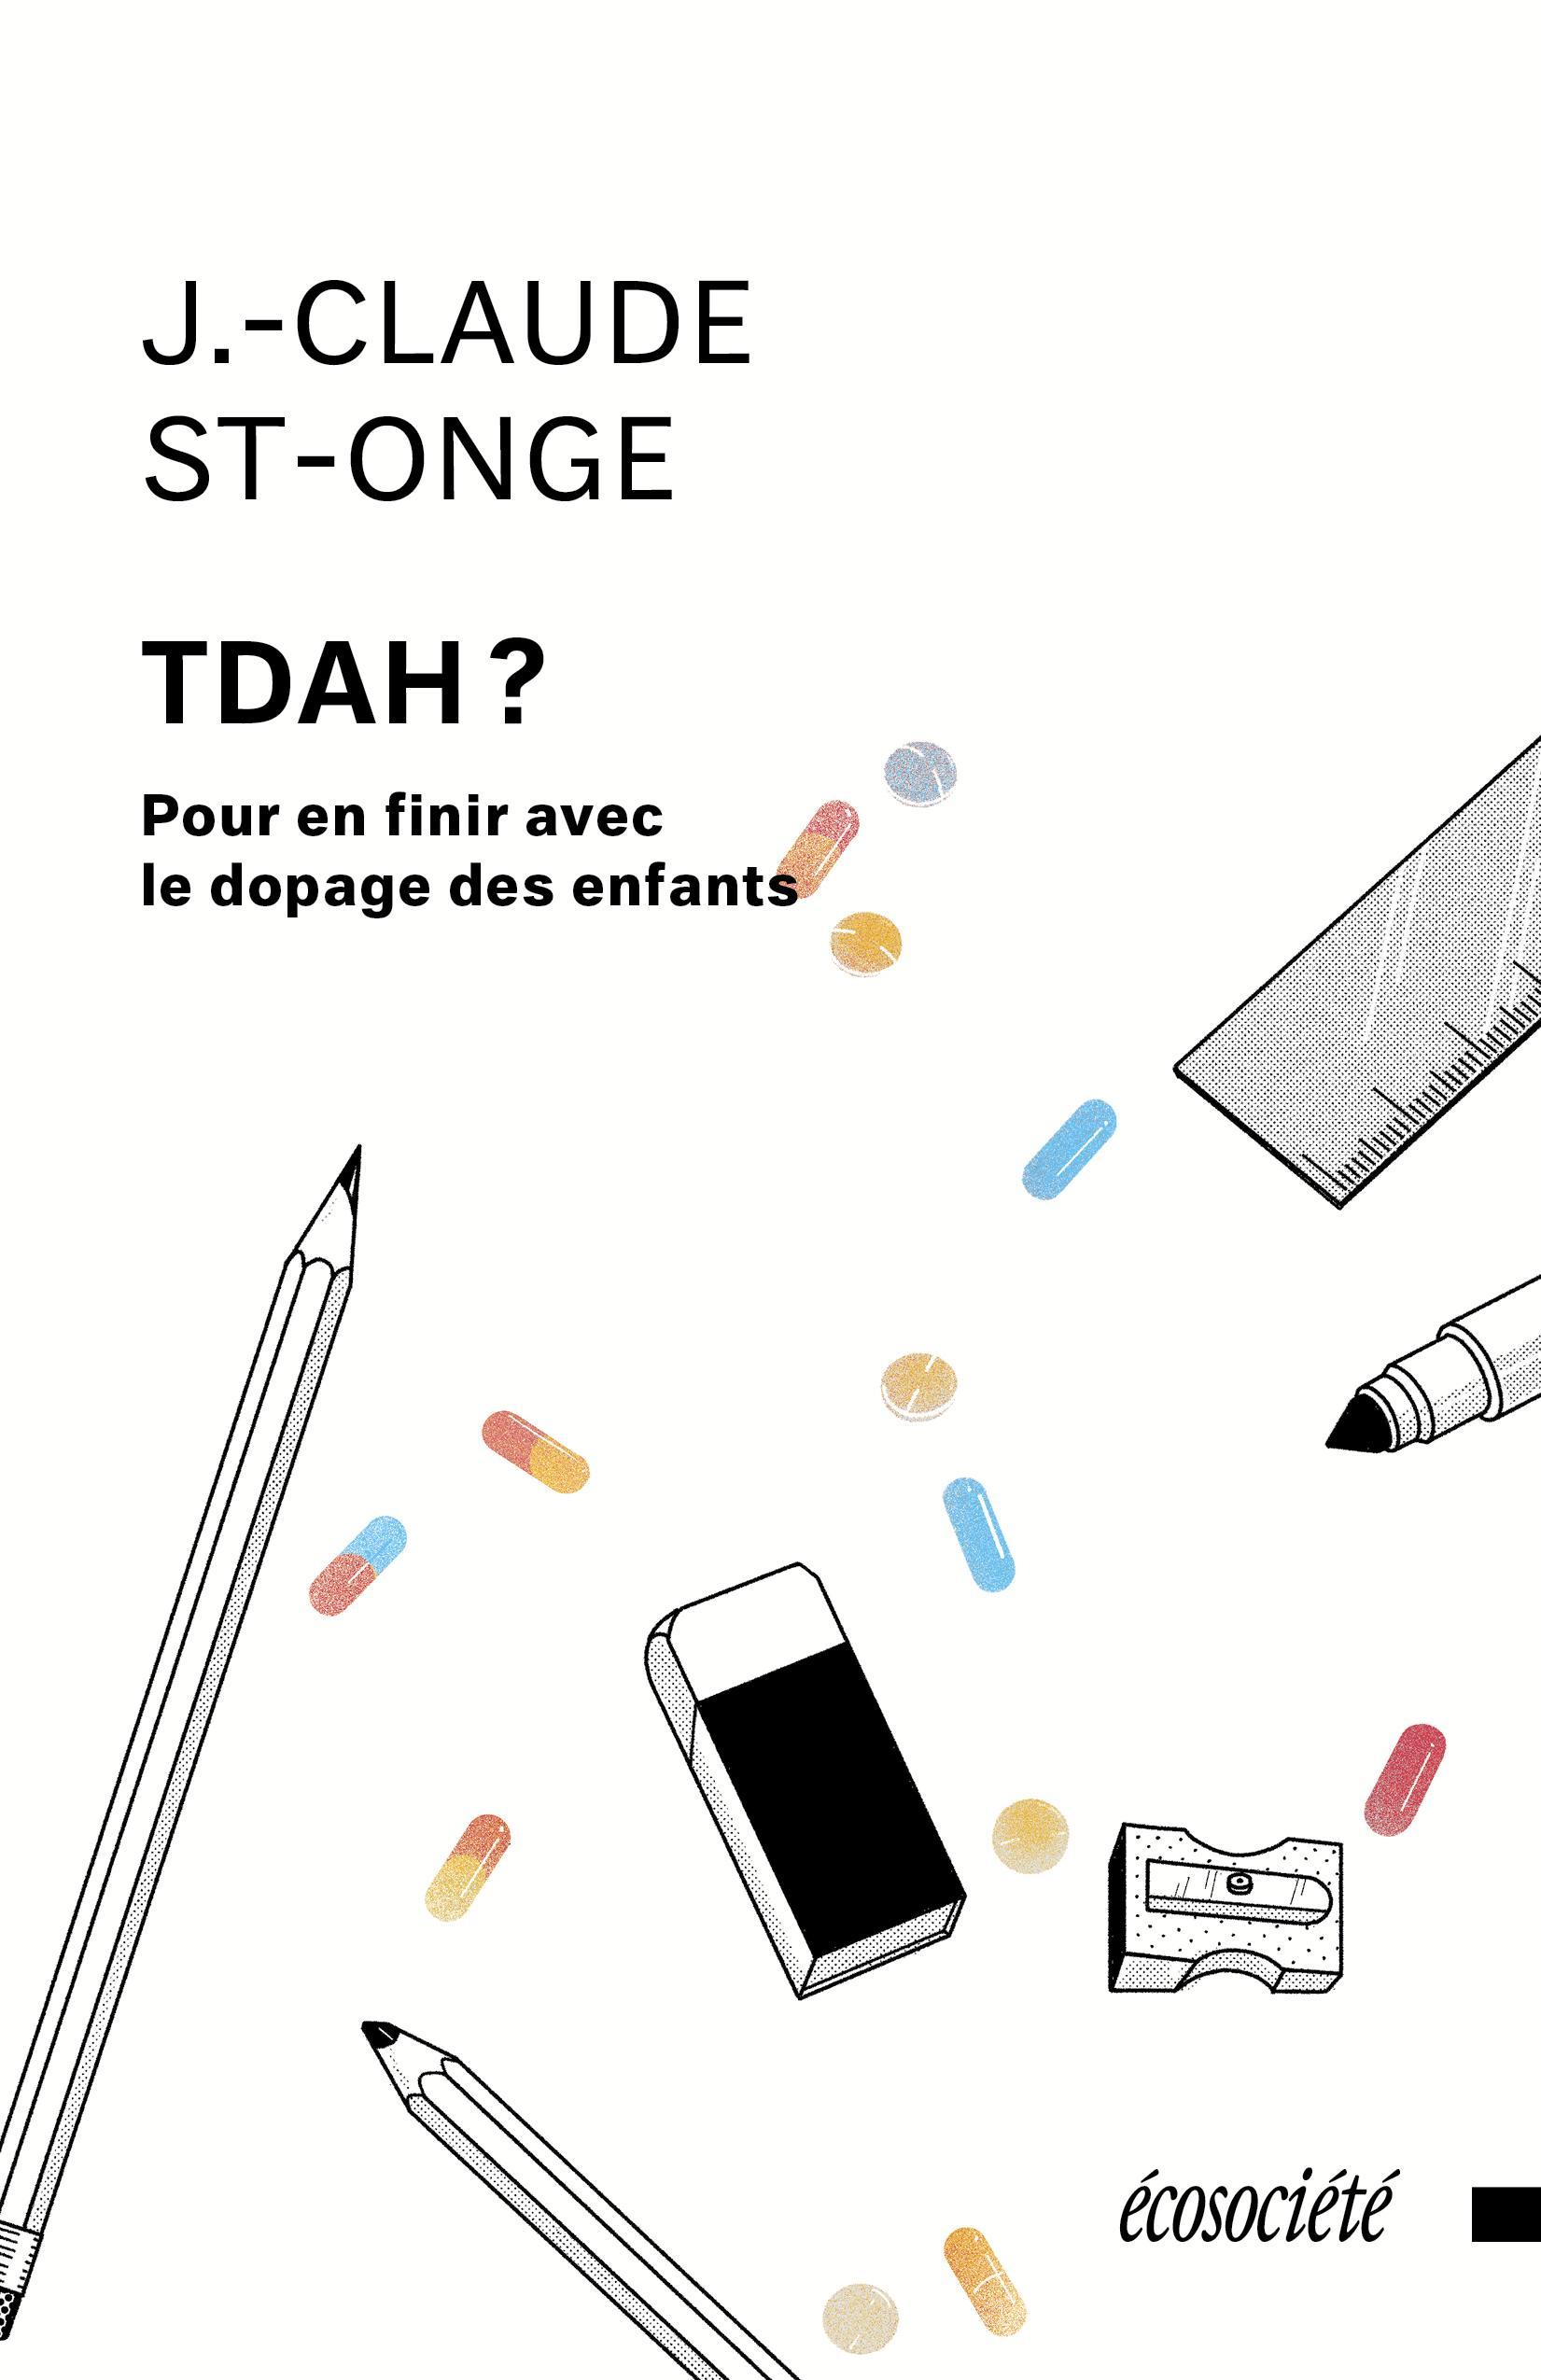 TDAH?, Pour en finir avec le dopage des enfants